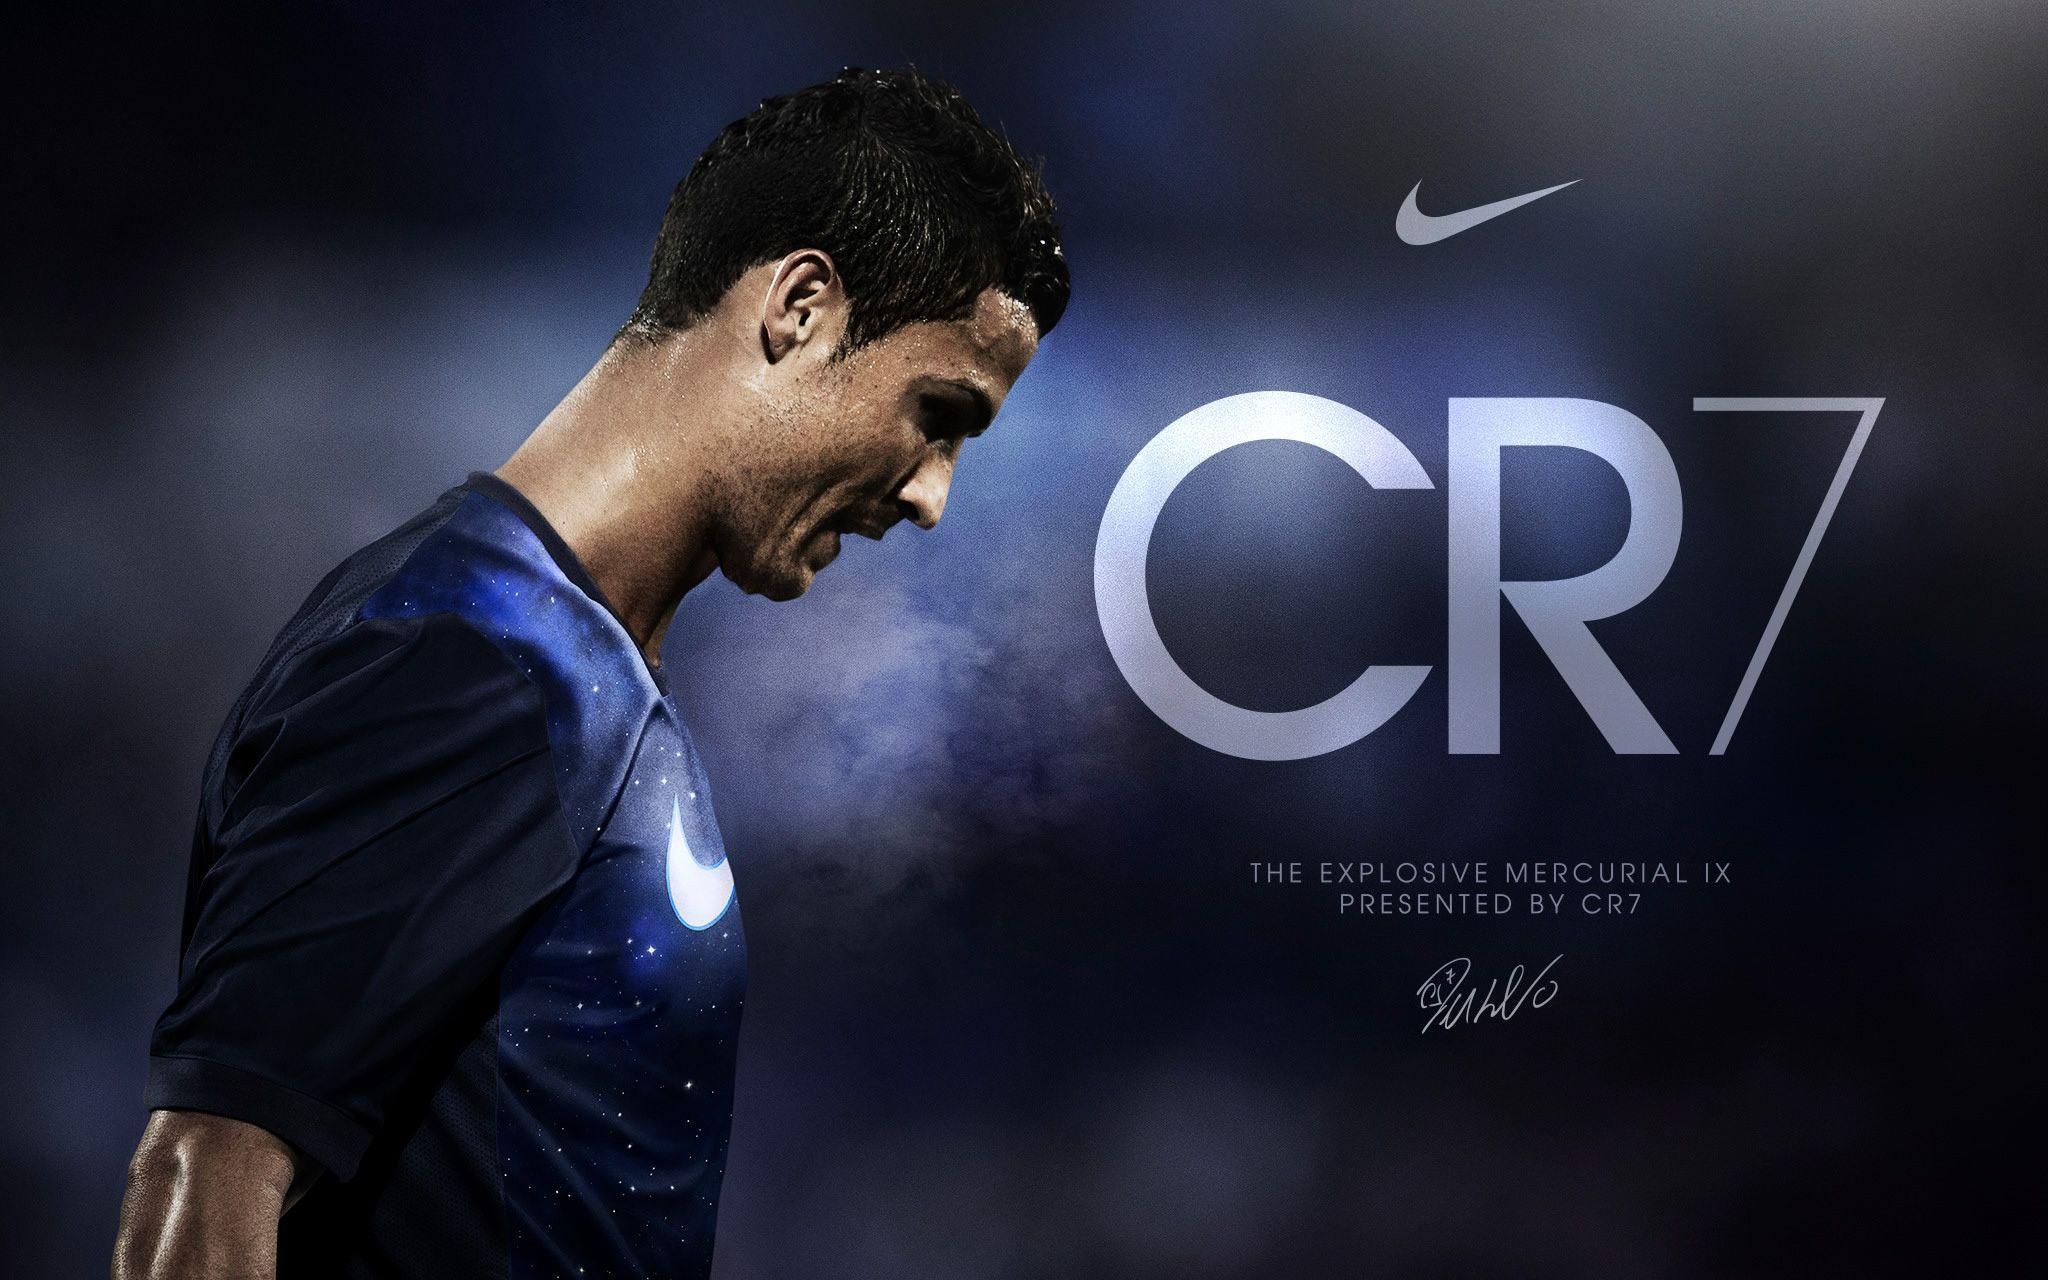 2048x1280 Hình nền Cristiano Ronaldo - Hình nền CR7 HD.  Cristiano